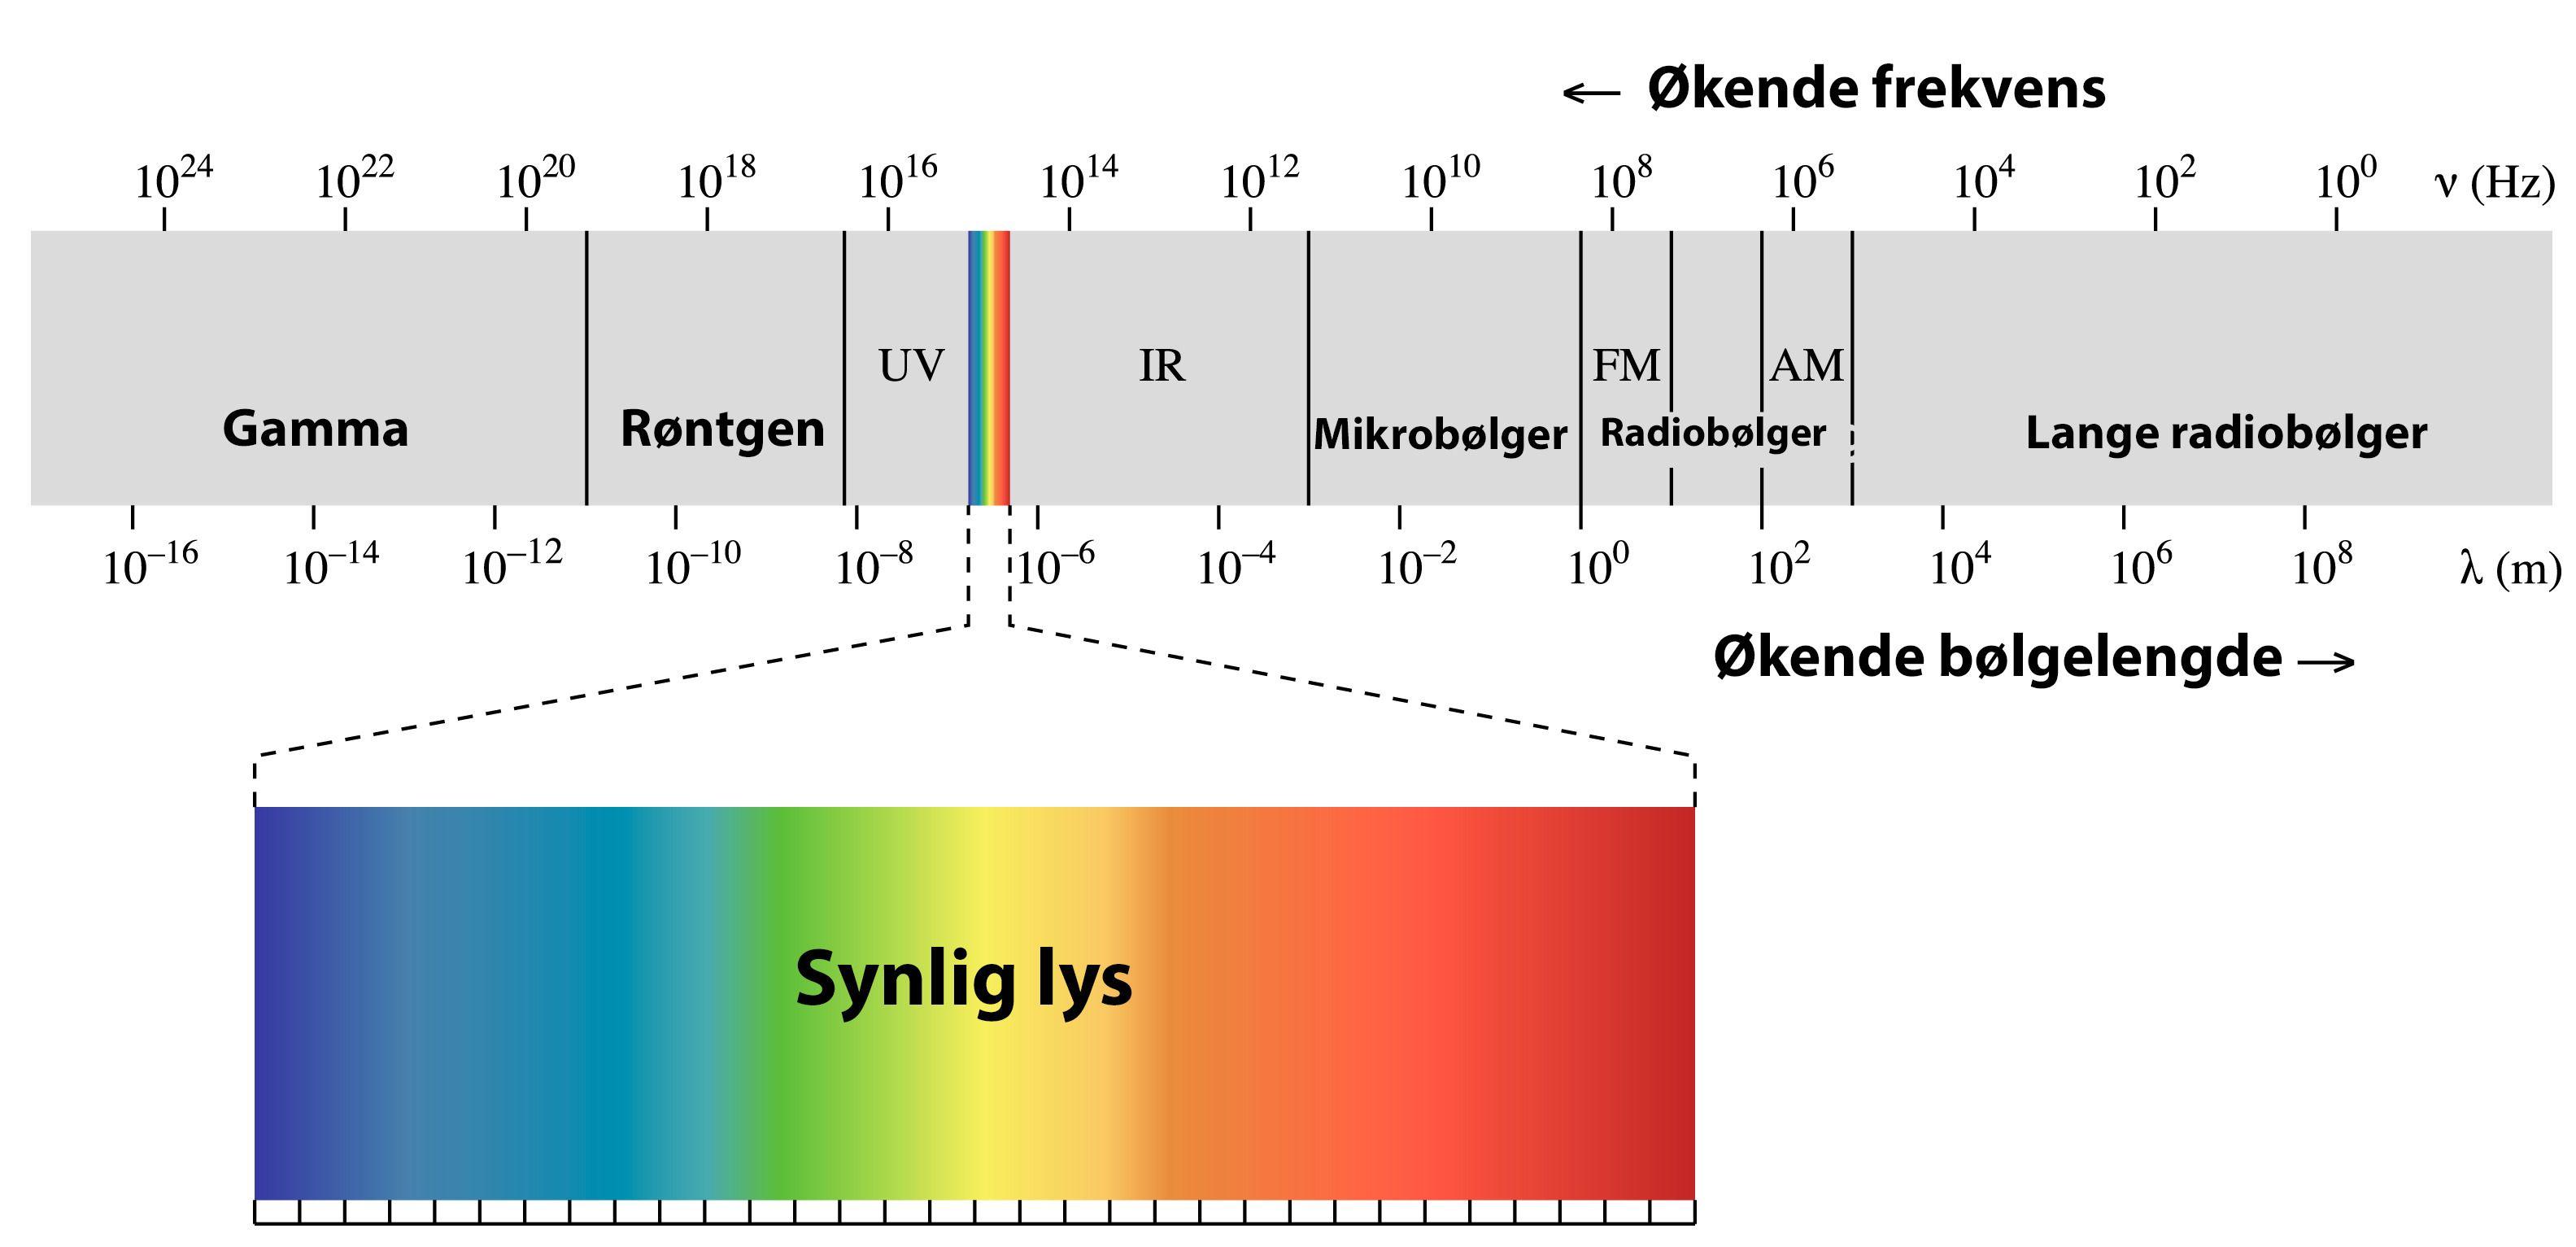 Elektromagnetisk stråling er både gammastråler, synlig lys og radiobølger. Mobiltelefoni og trådløse nettverk opererer i mikrobølgeområdet.